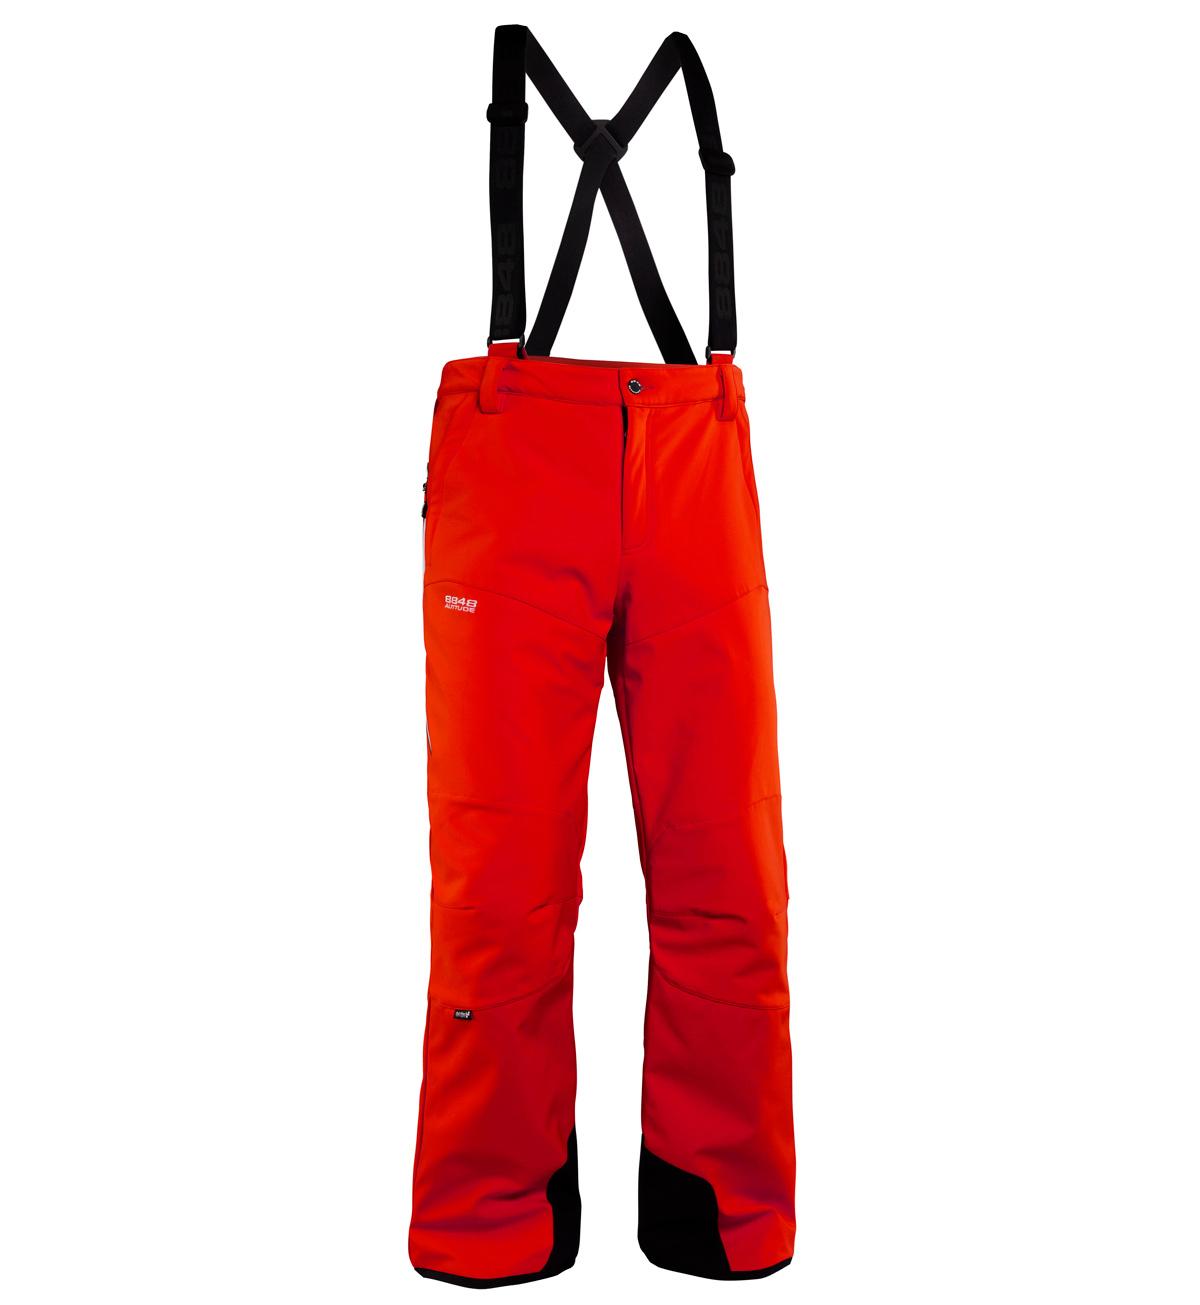 Брюки горнолыжные 8848 Altitude MURRAY Red мужские